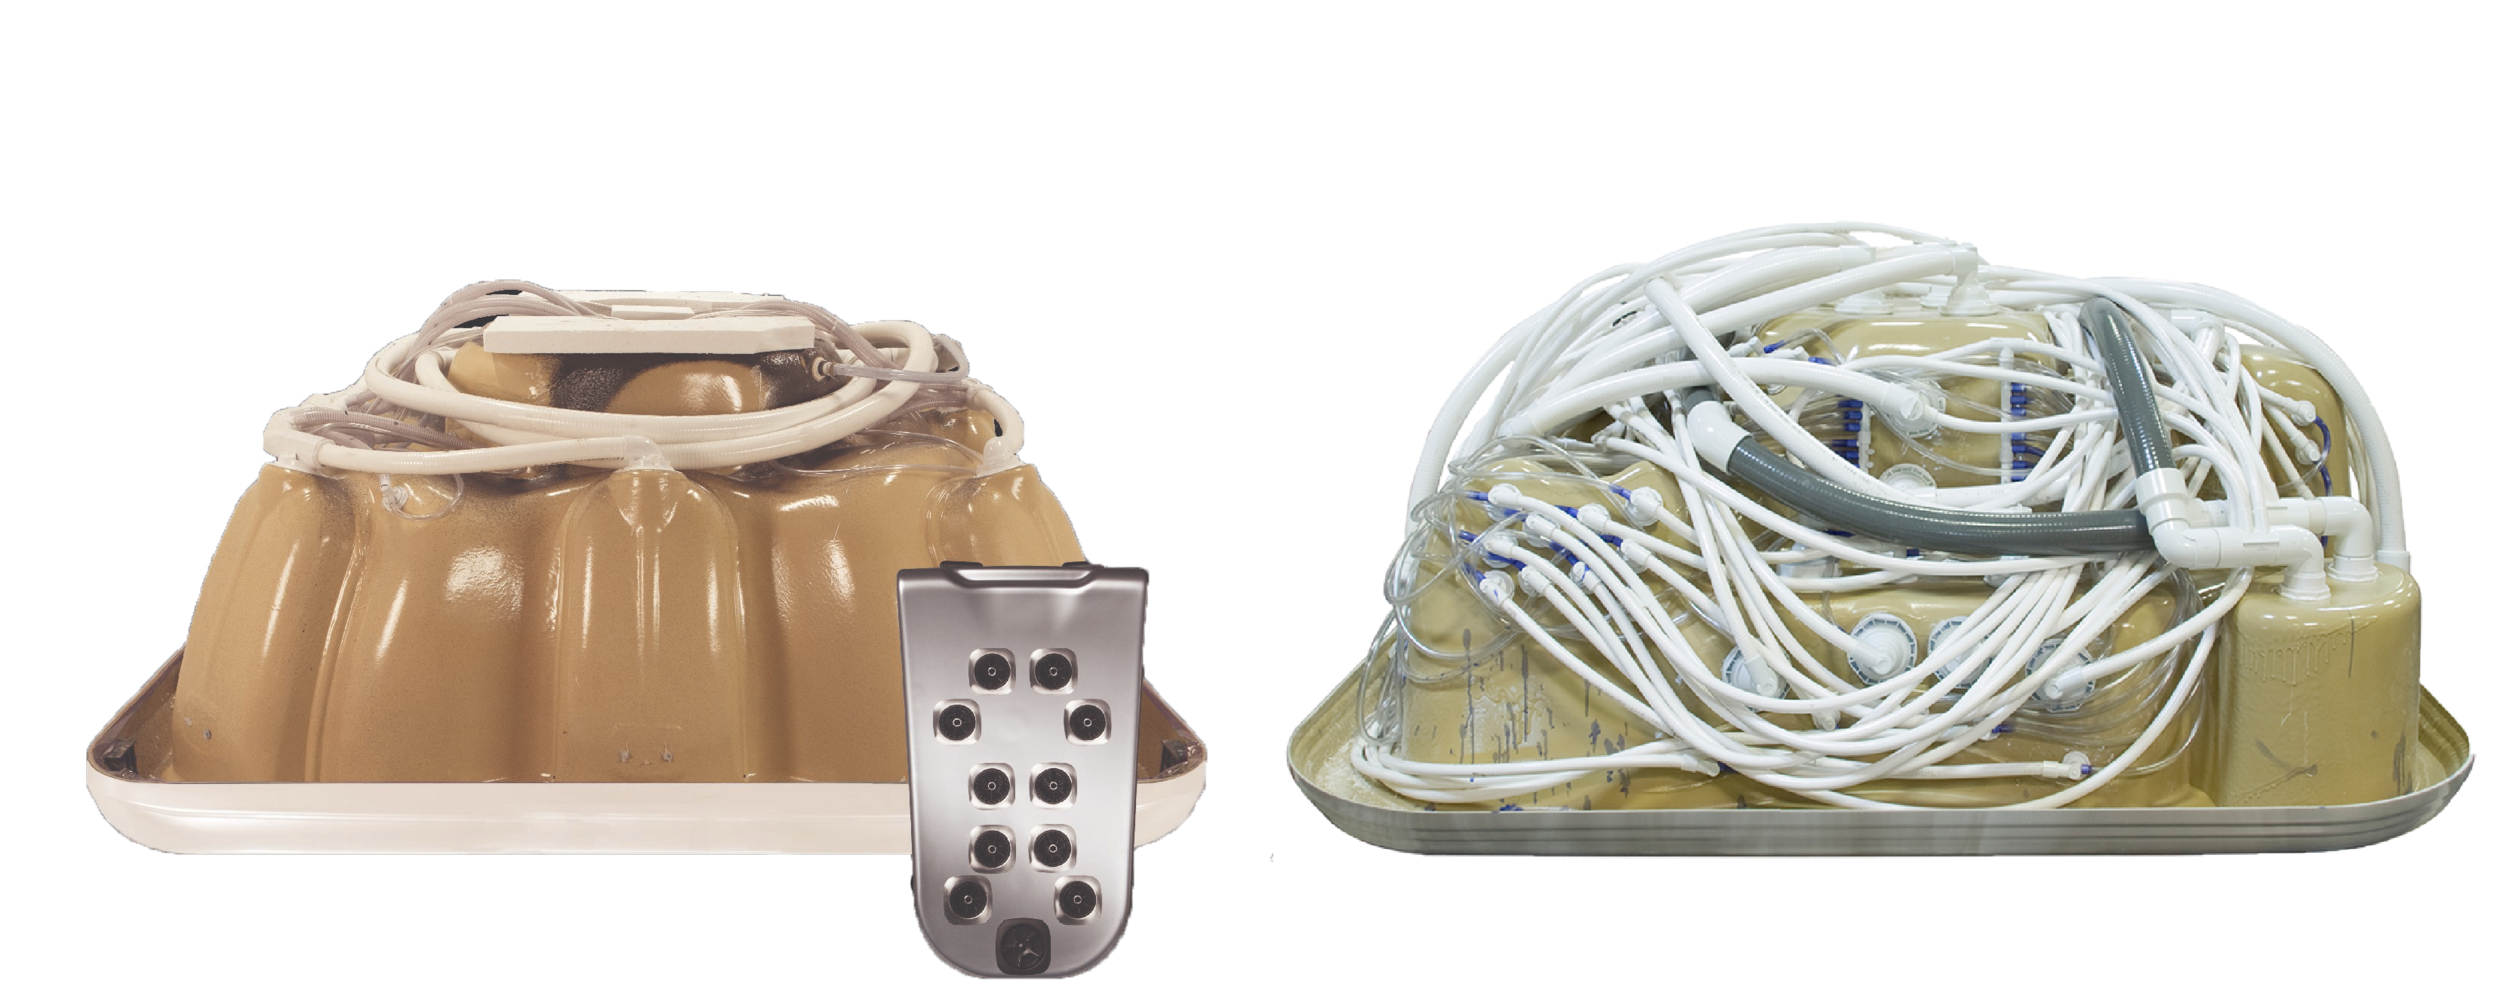 spa plumbing-01.png